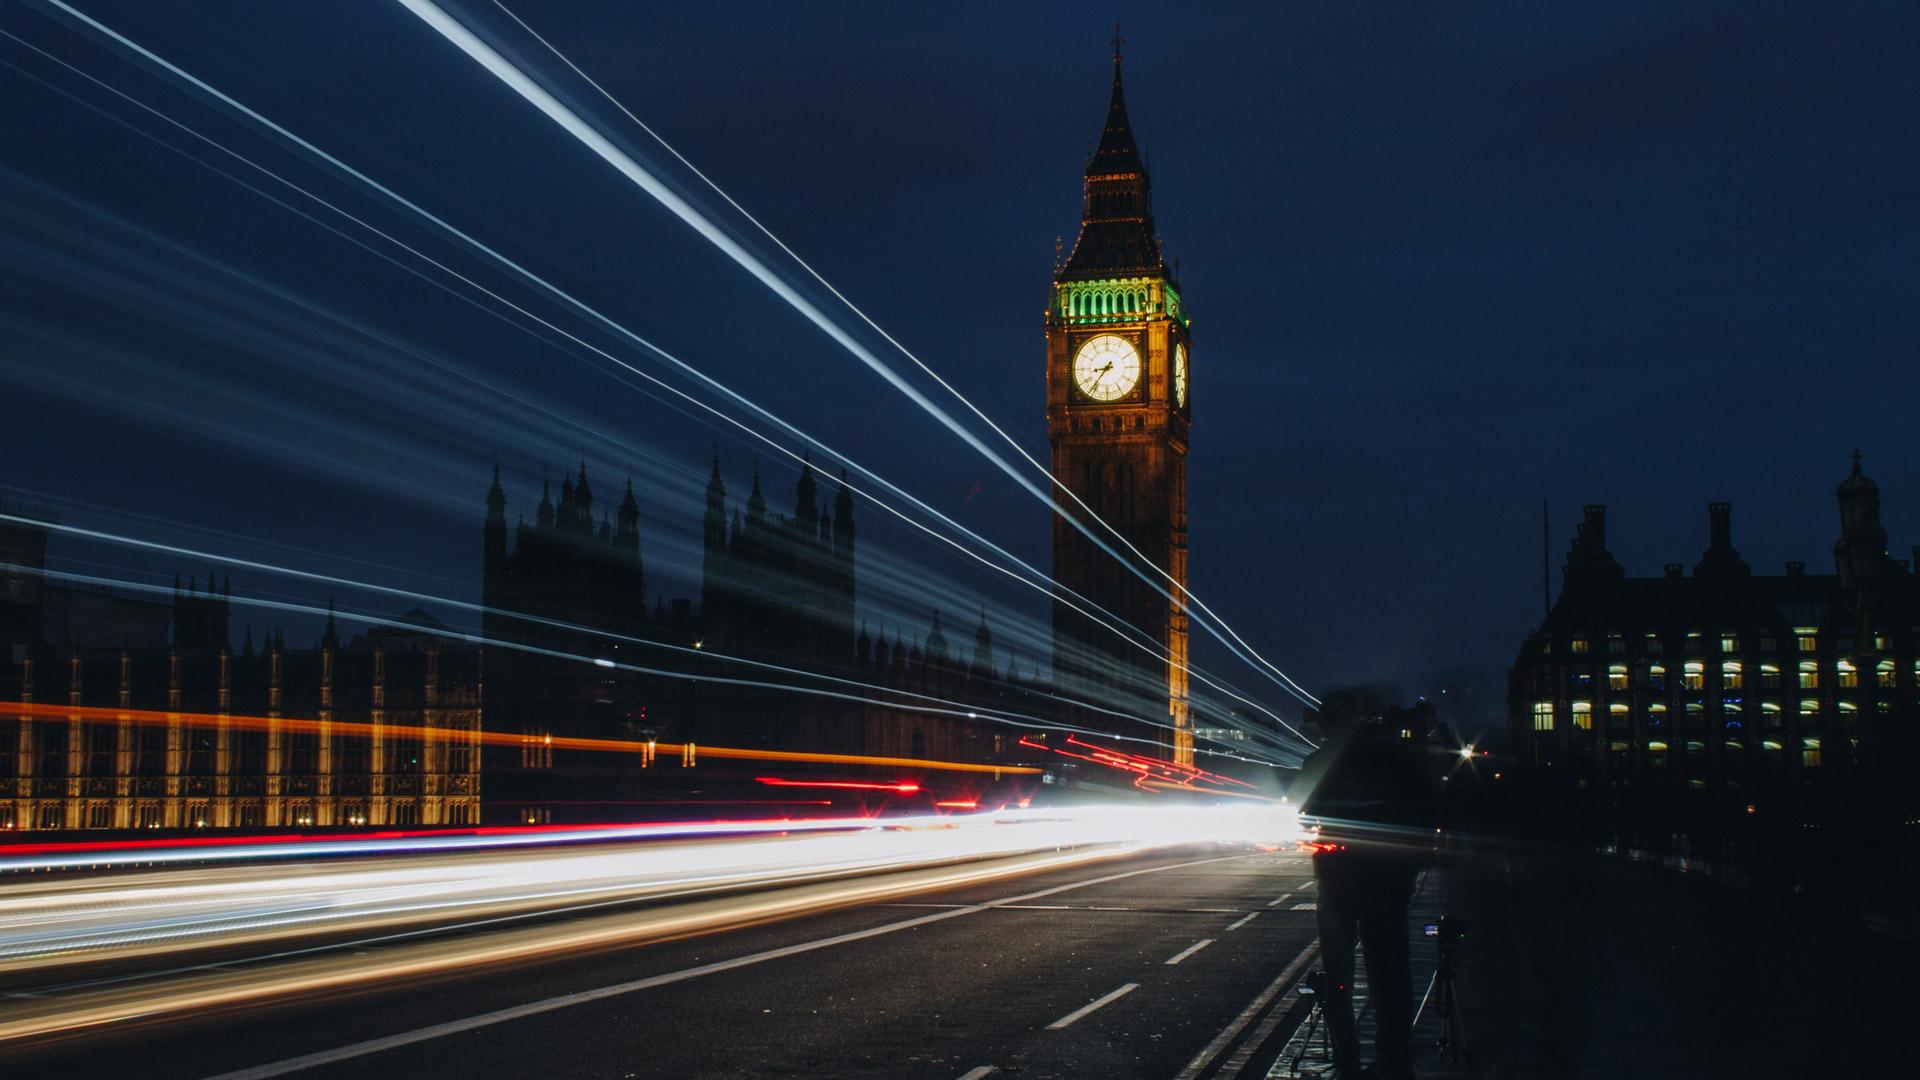 London at Night Tour